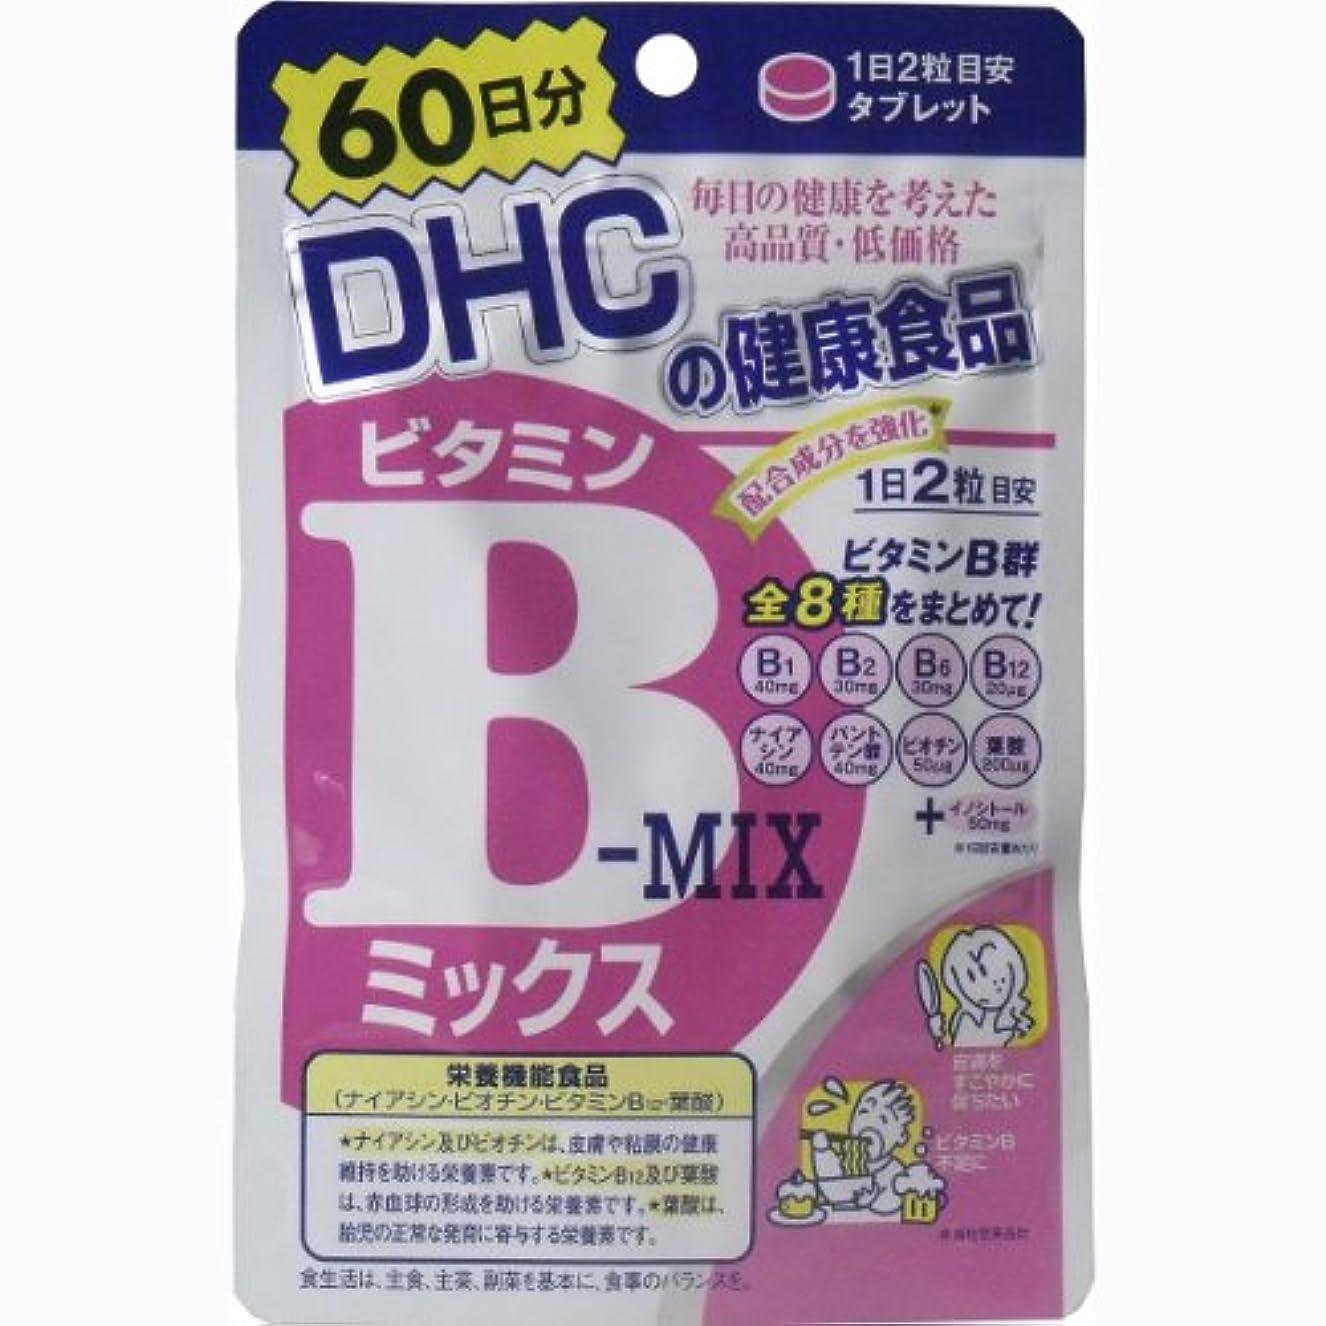 中央値くるみ慢性的DHC ビタミンBミックス 120粒 60日分【2個セット】